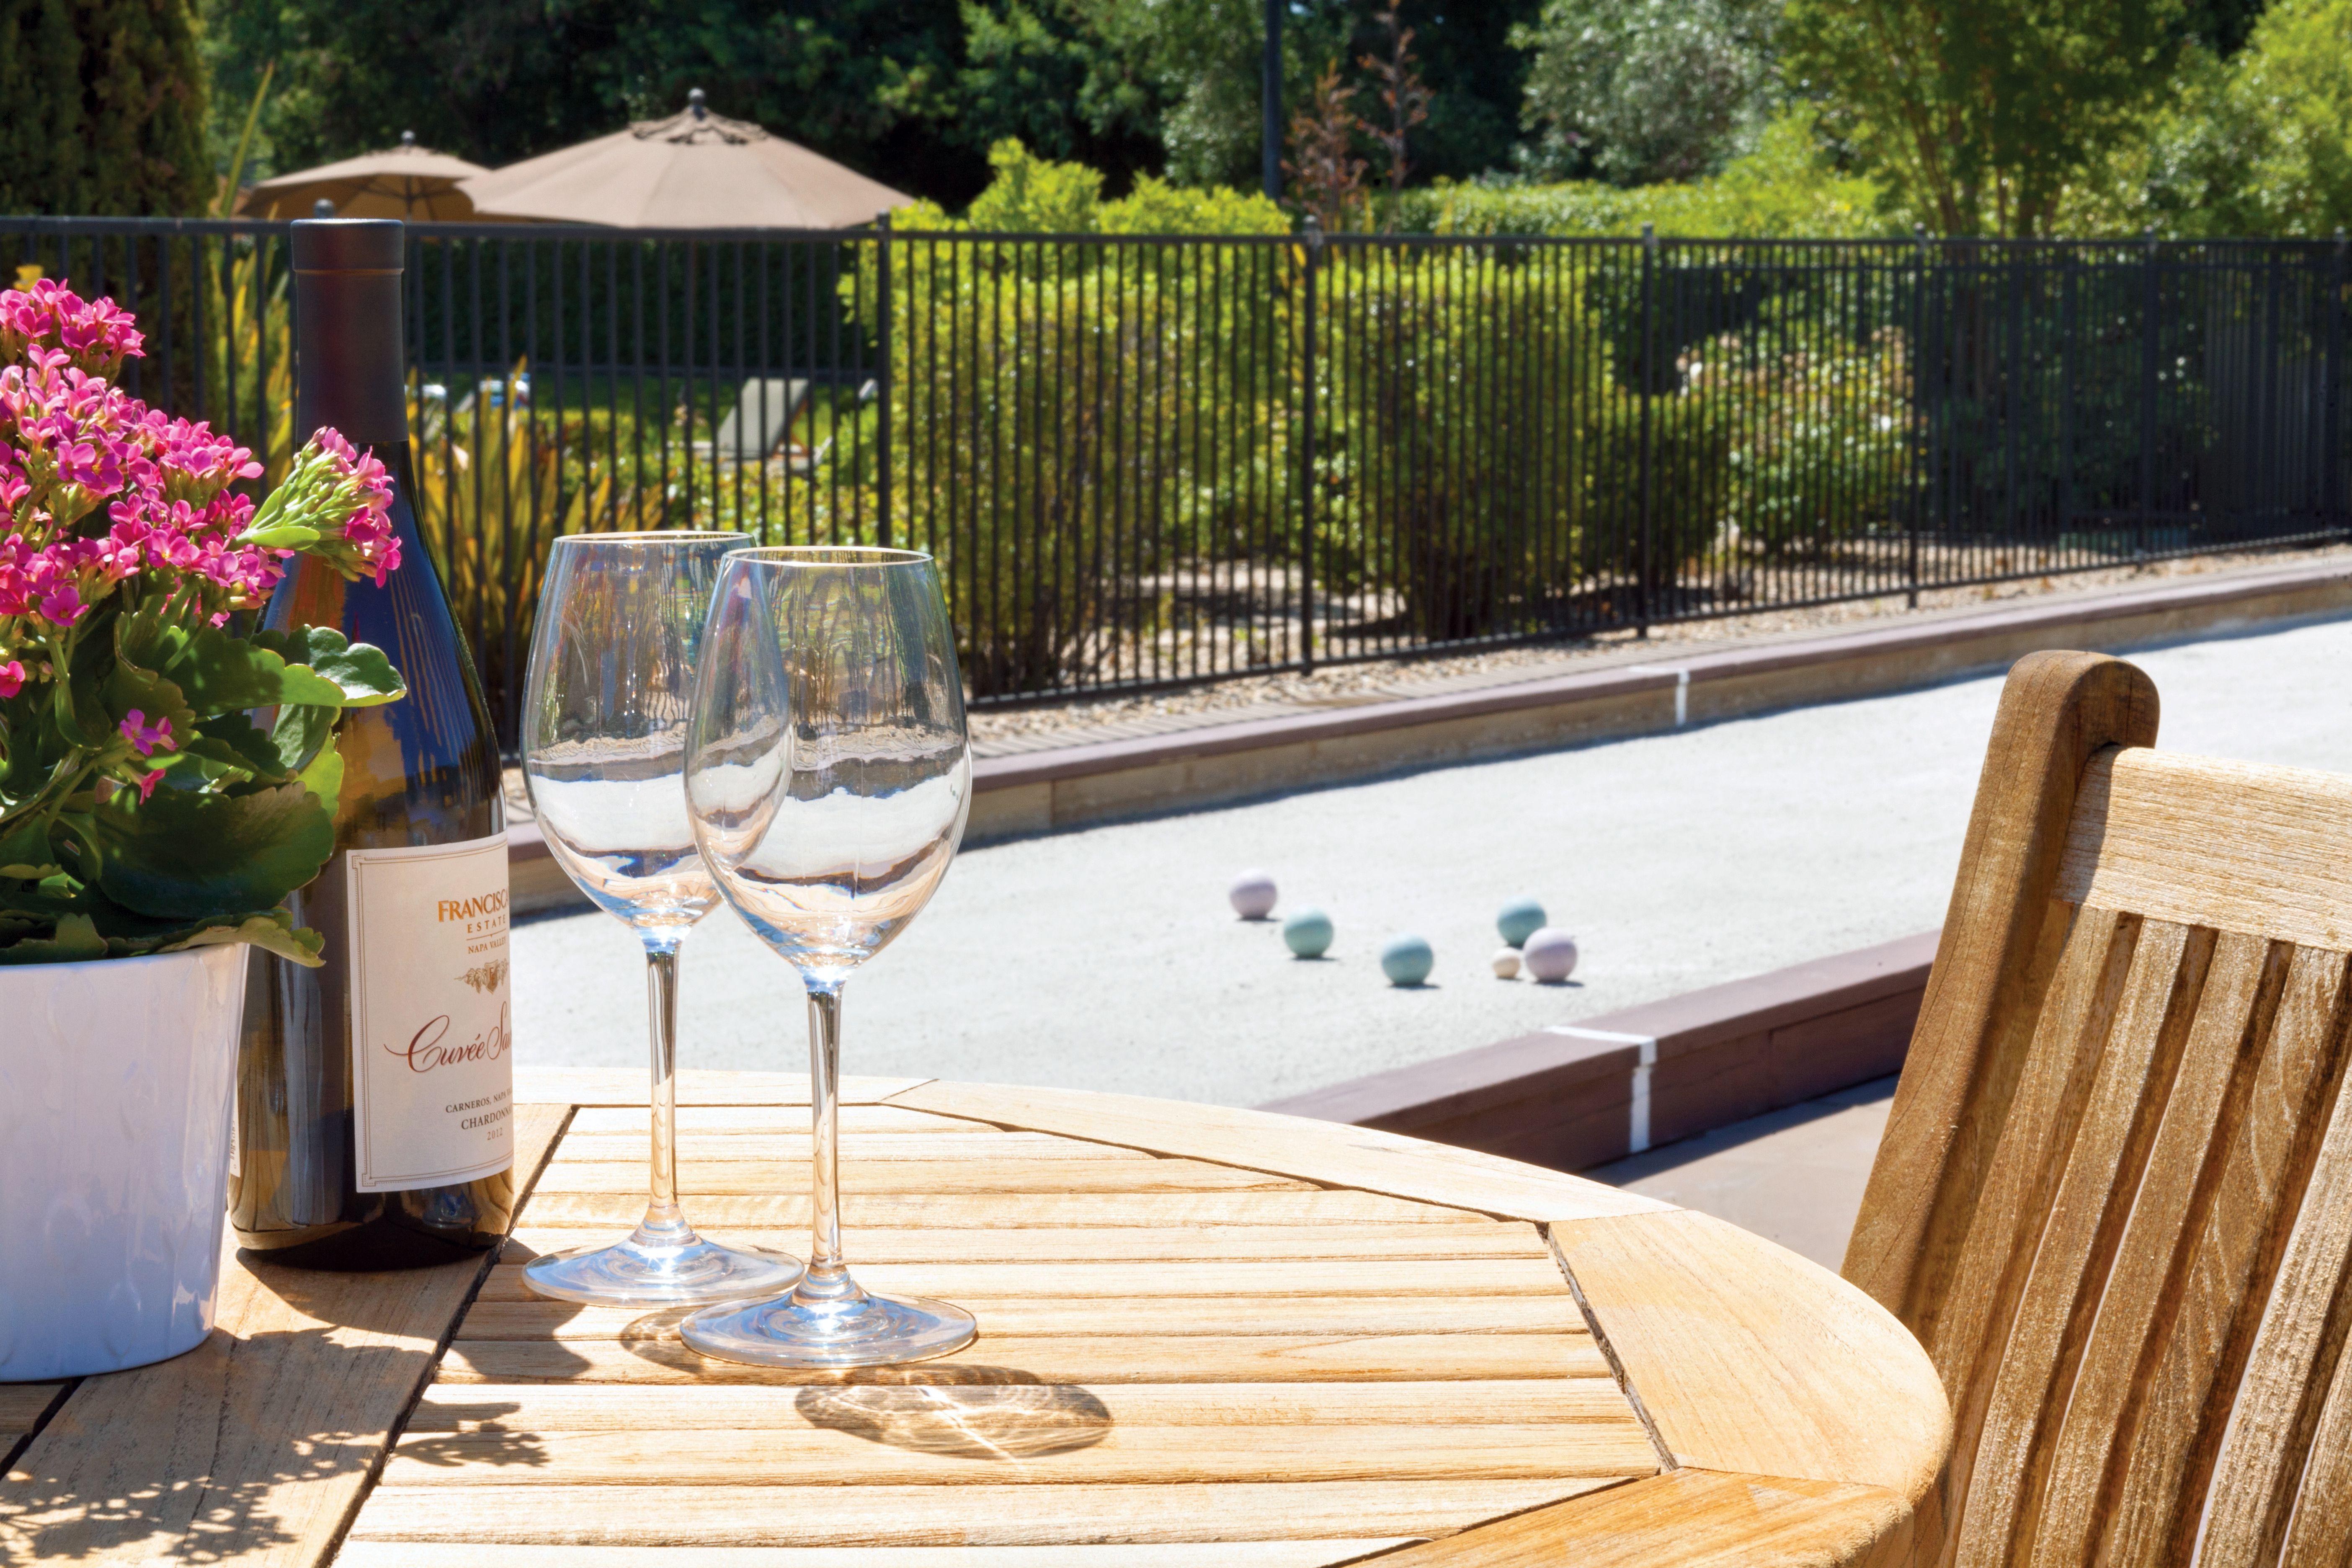 Napa Valley Hotels Silverado Resort And Spa Ca Wine Country Hotels Vacations Napa Valley Hotels Napa Valley Resorts Country Hotel